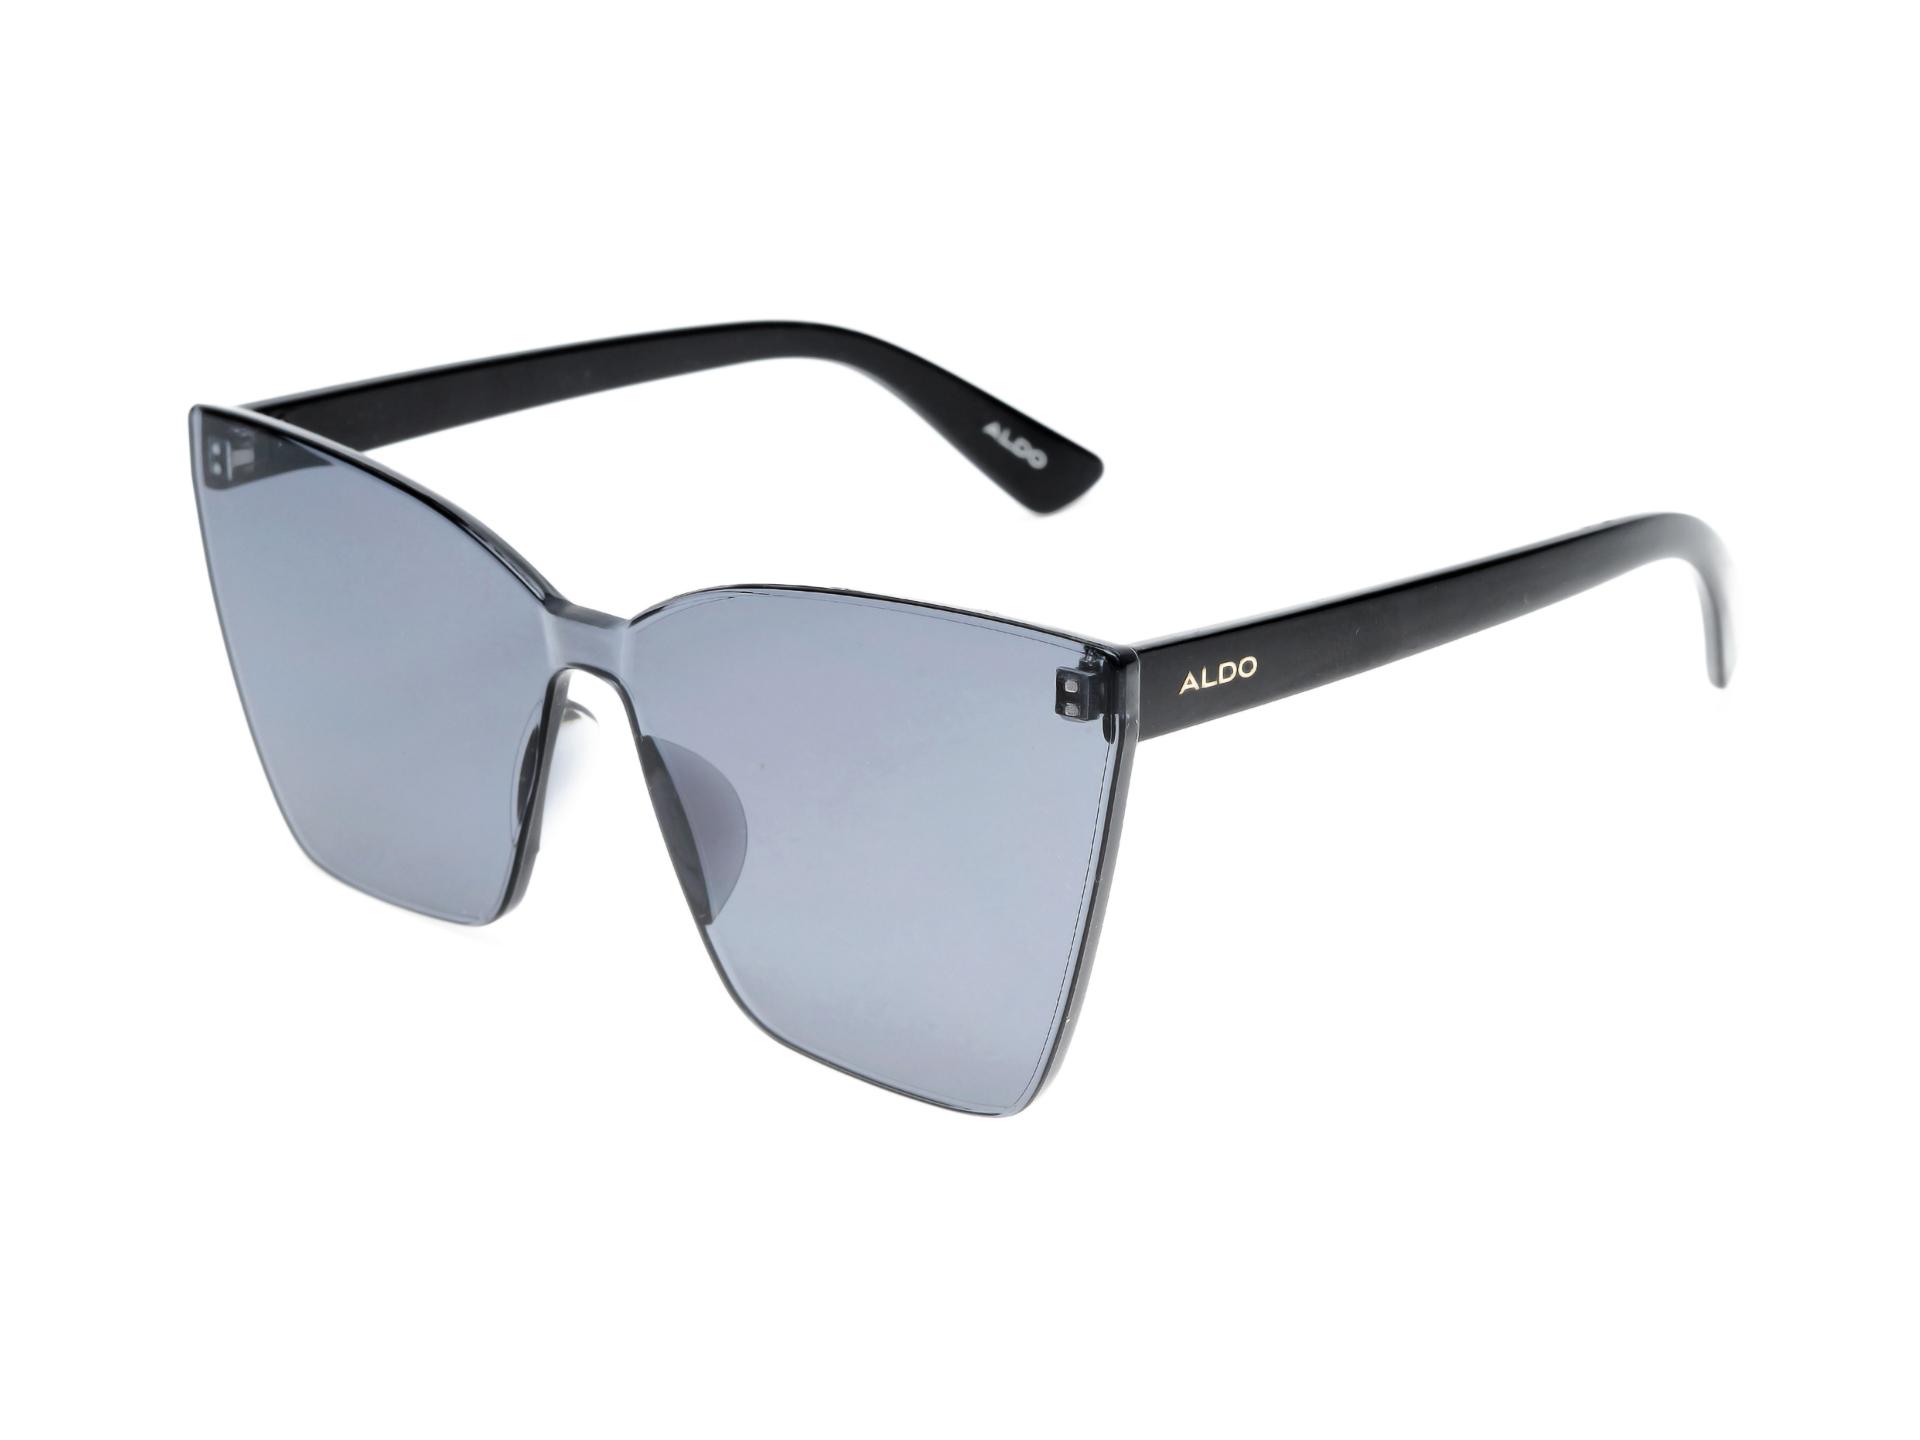 Ochelari de soare ALDO negri, Batti001, din pvc imagine